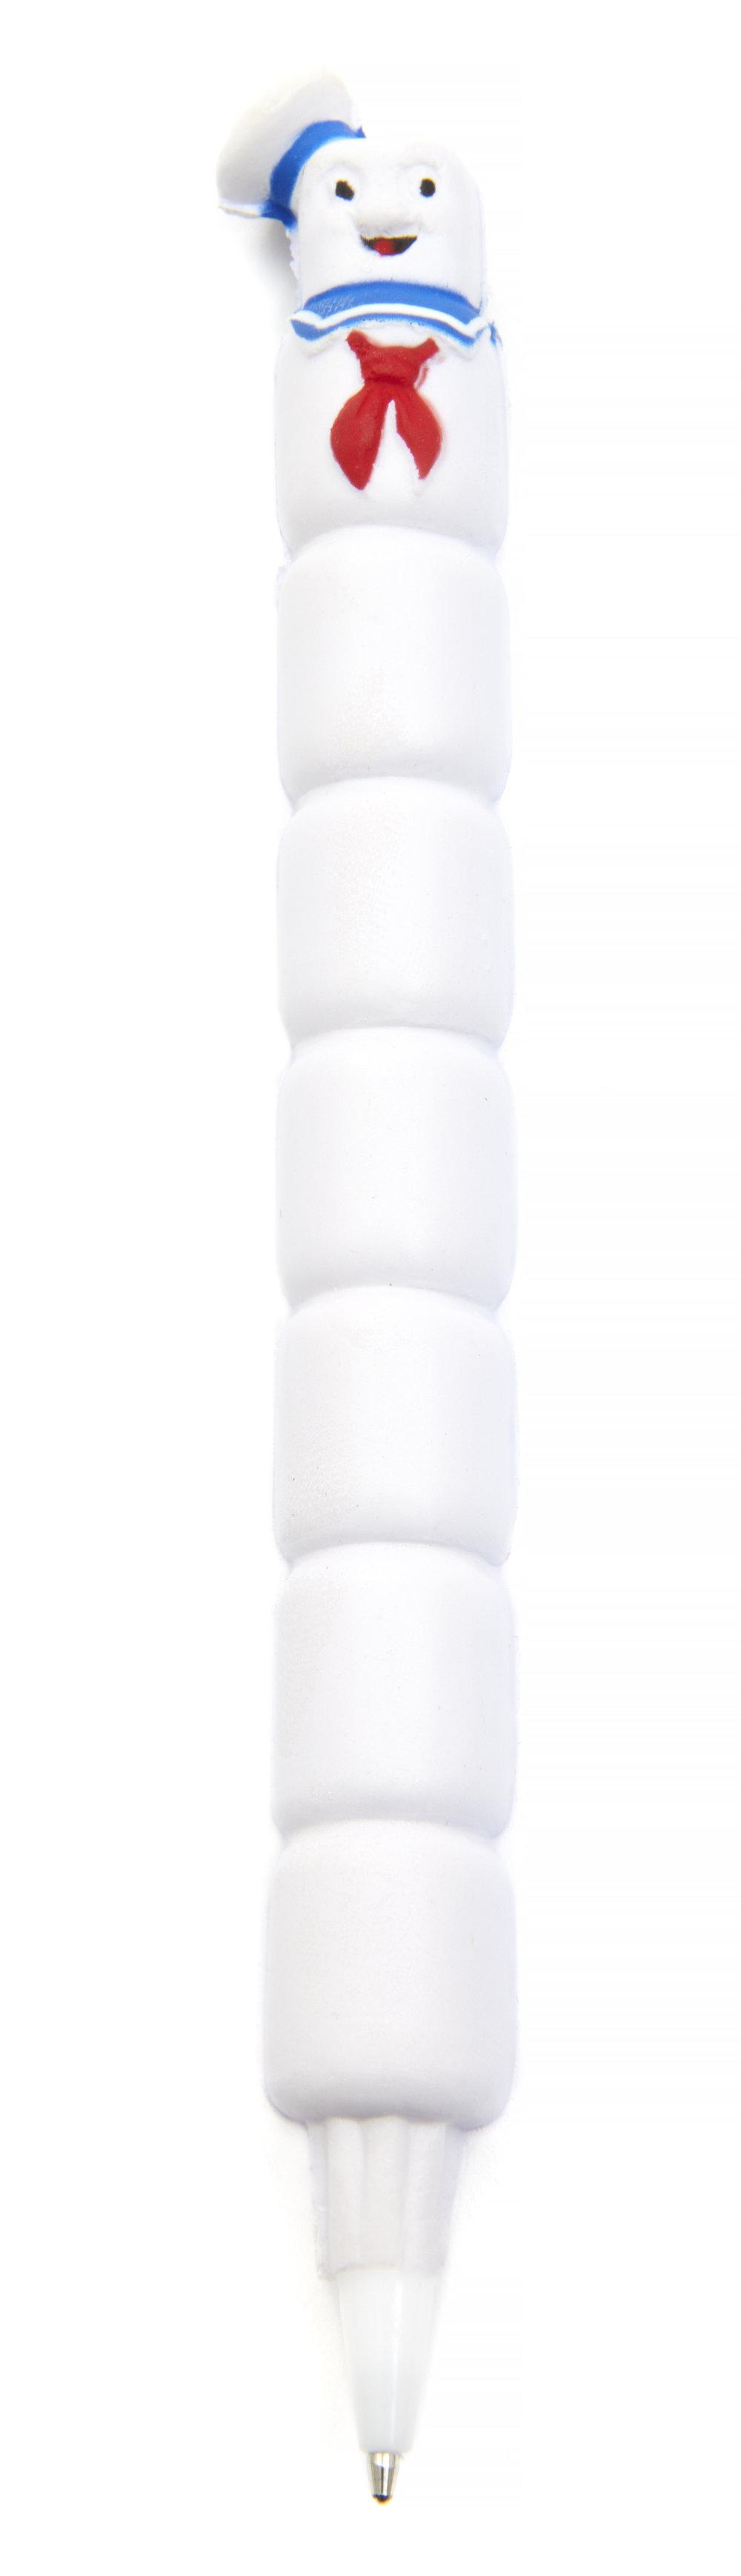 PB0465-285.jpg